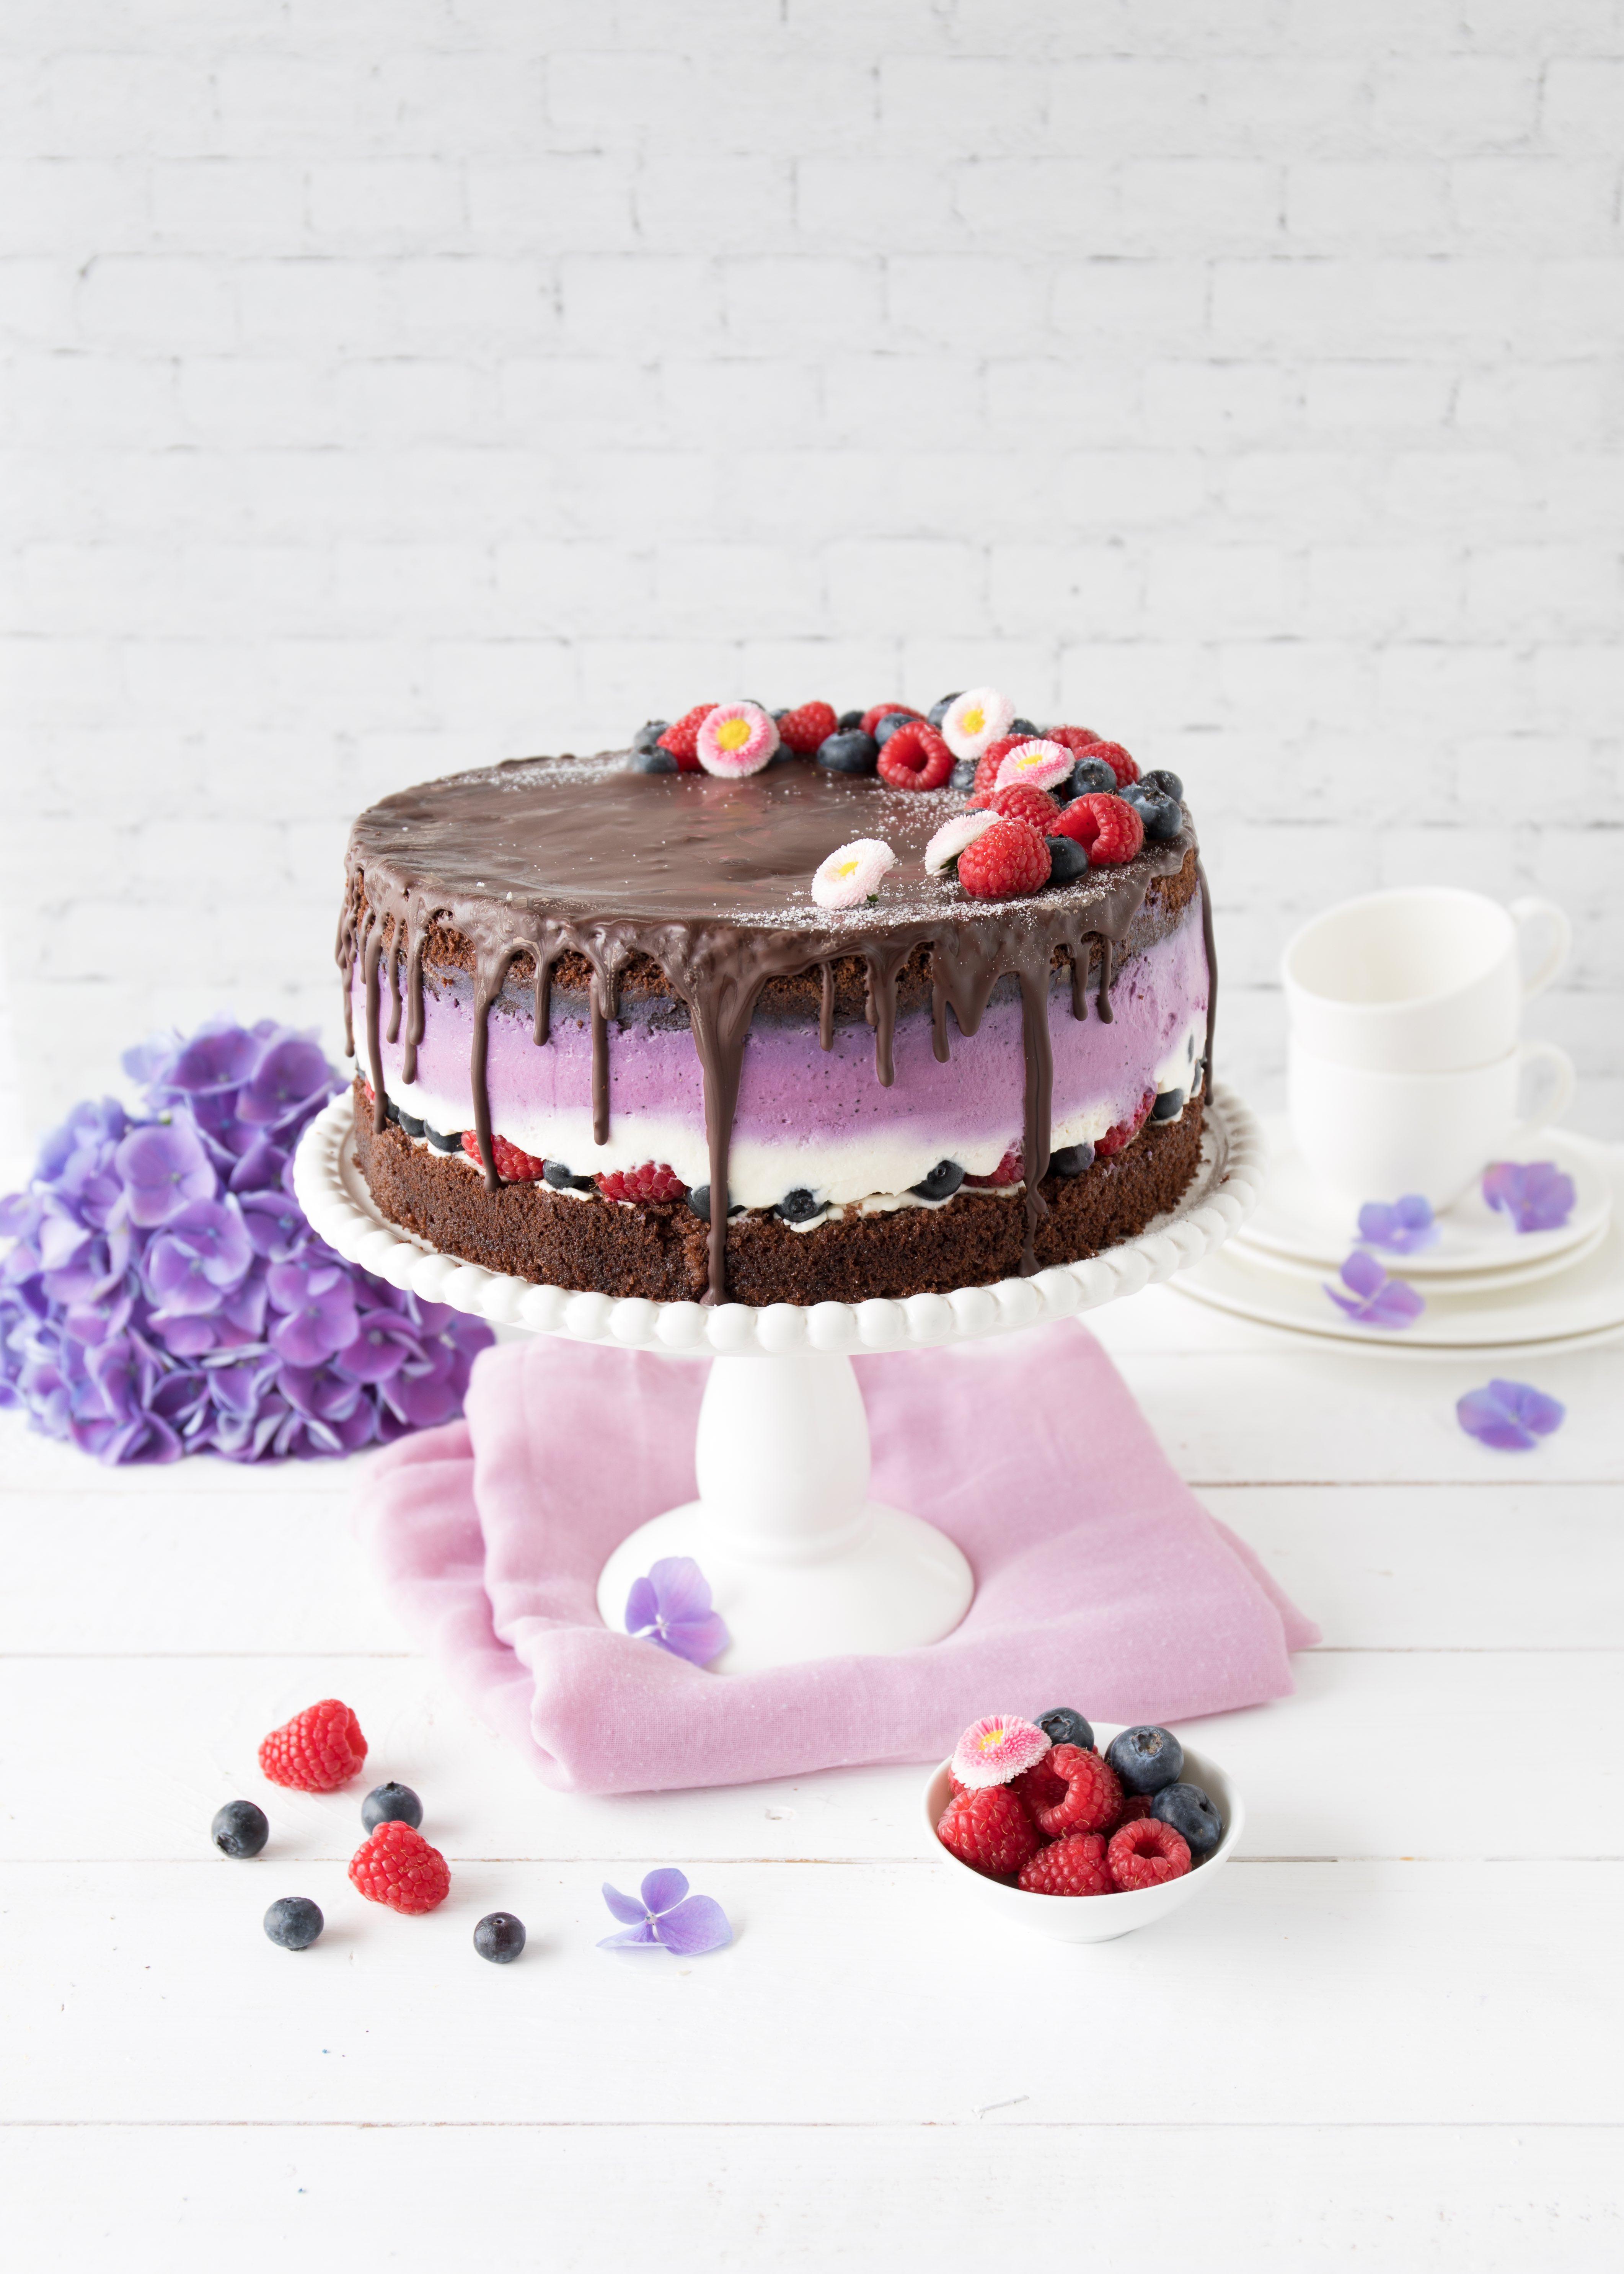 Beeren Schokoladen Torte mit Schoko Drip Rezept backen Blaubeeren Himbeeren Joghurt #torte #beeren #dripcake #backen #cake #berry #chocolate | Emma´s Lieblingsstücke